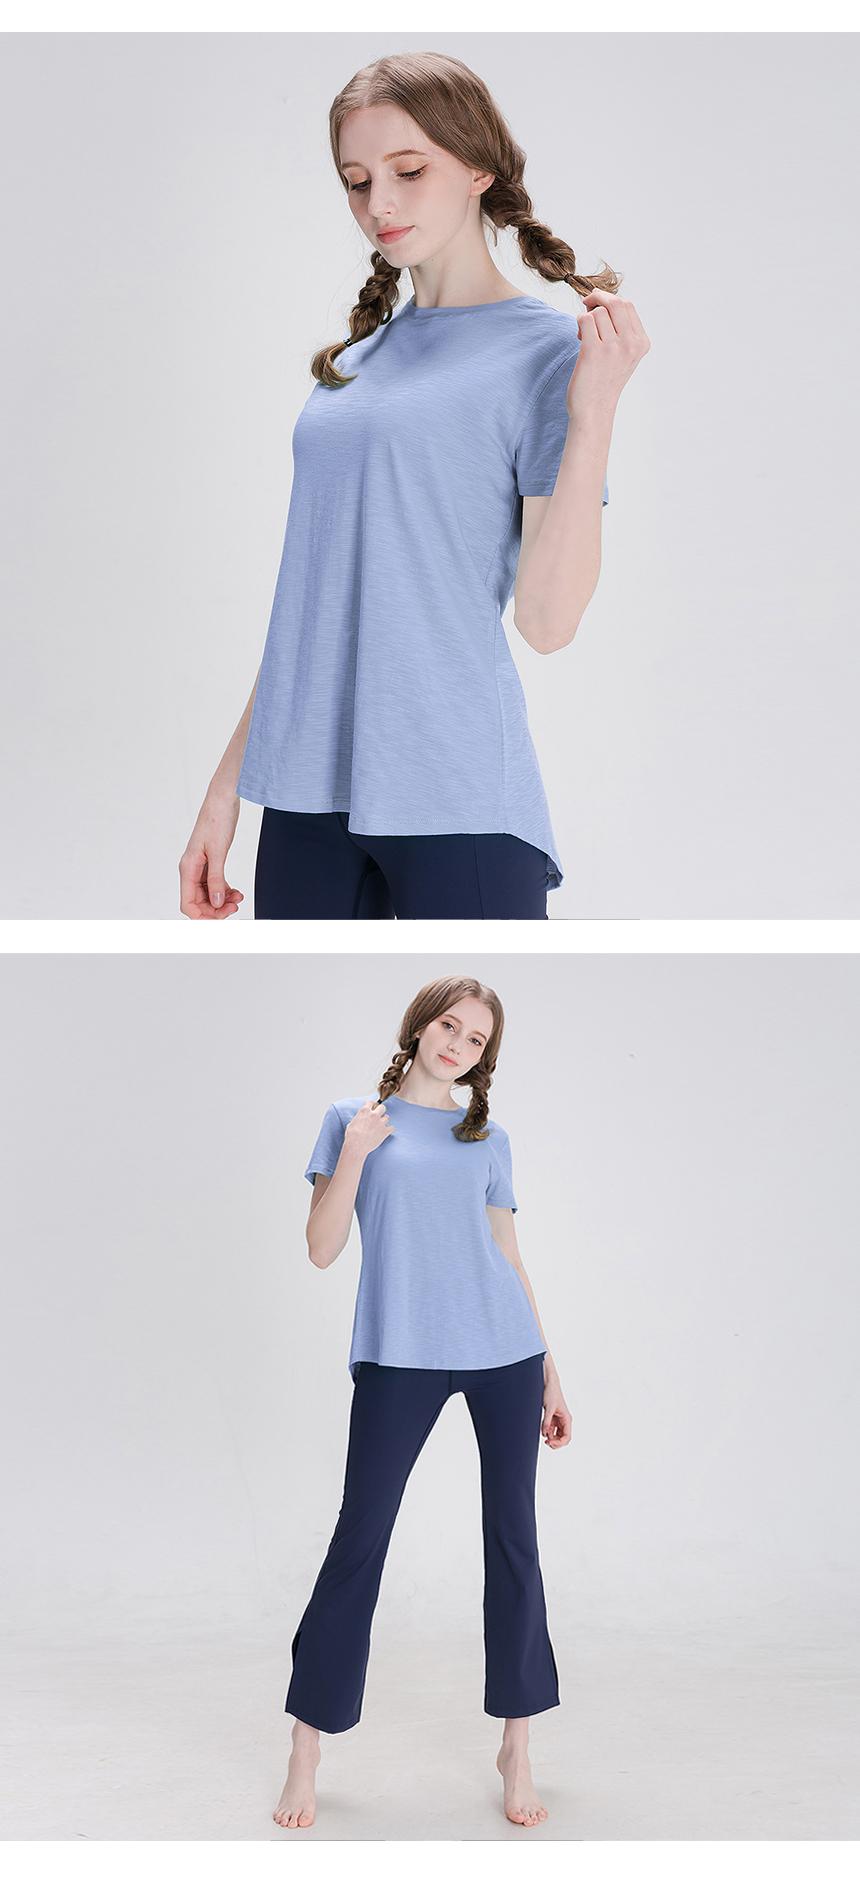 뒤란(DURAN) 모달 백슬릿 티셔츠 DFW5026 민트